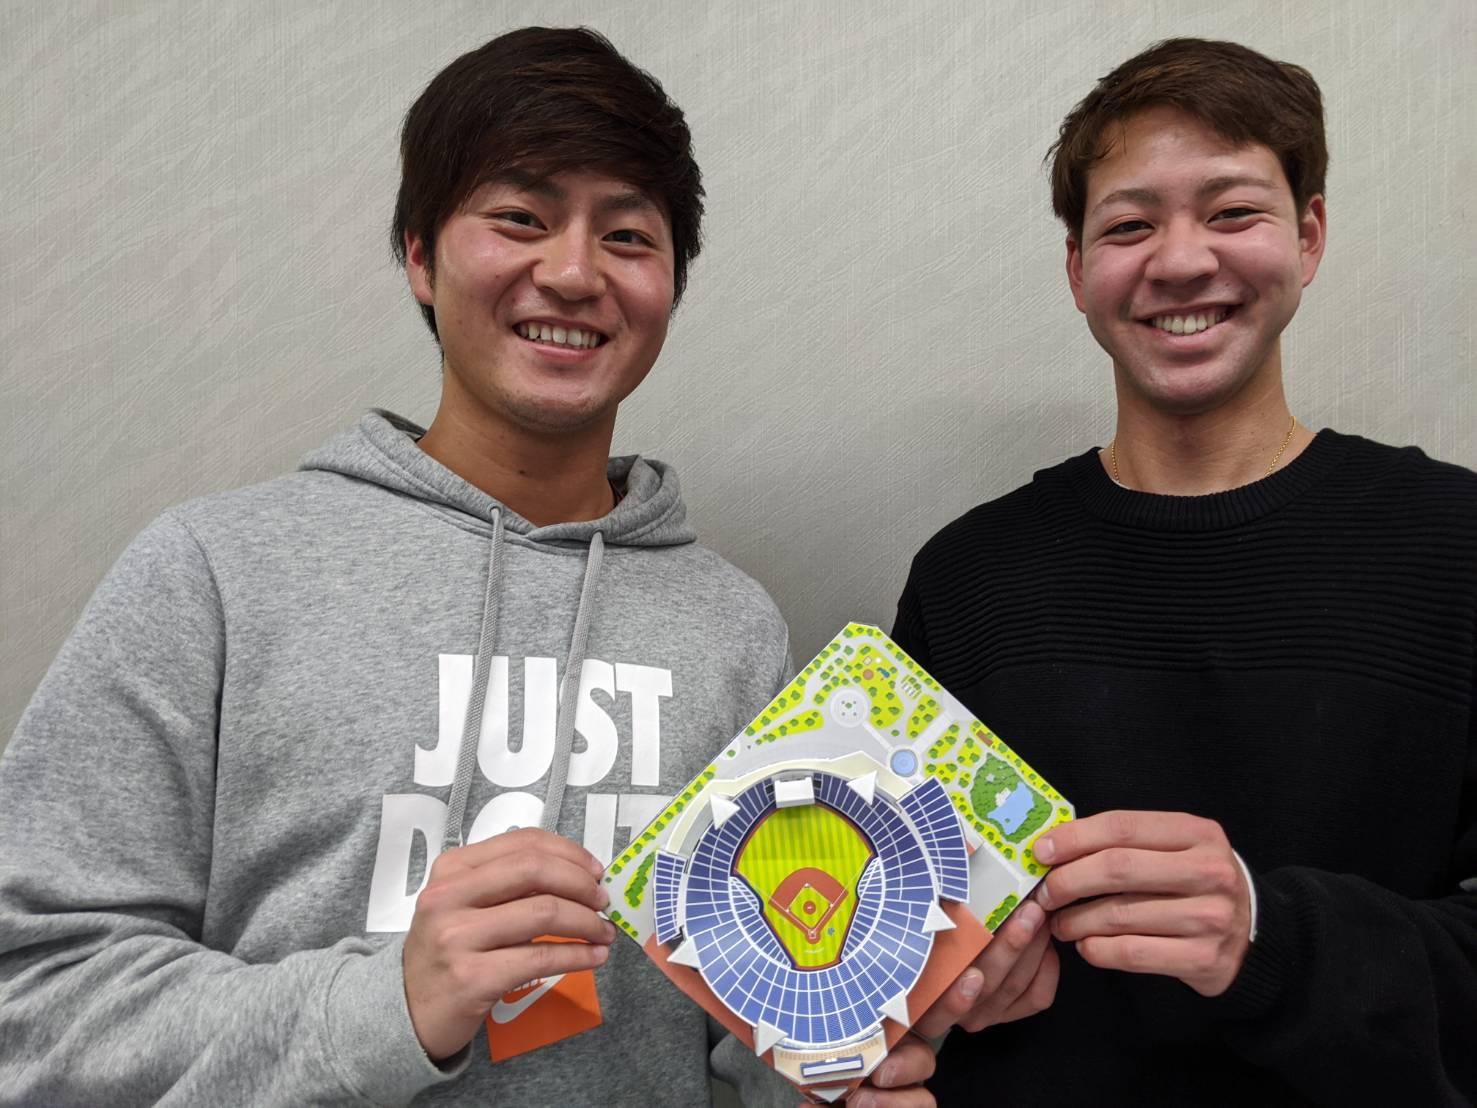 横浜スタジアムのペーパークラフトが無料公開 平良拳太郎は開幕へ向け「しっかり準備」 画像